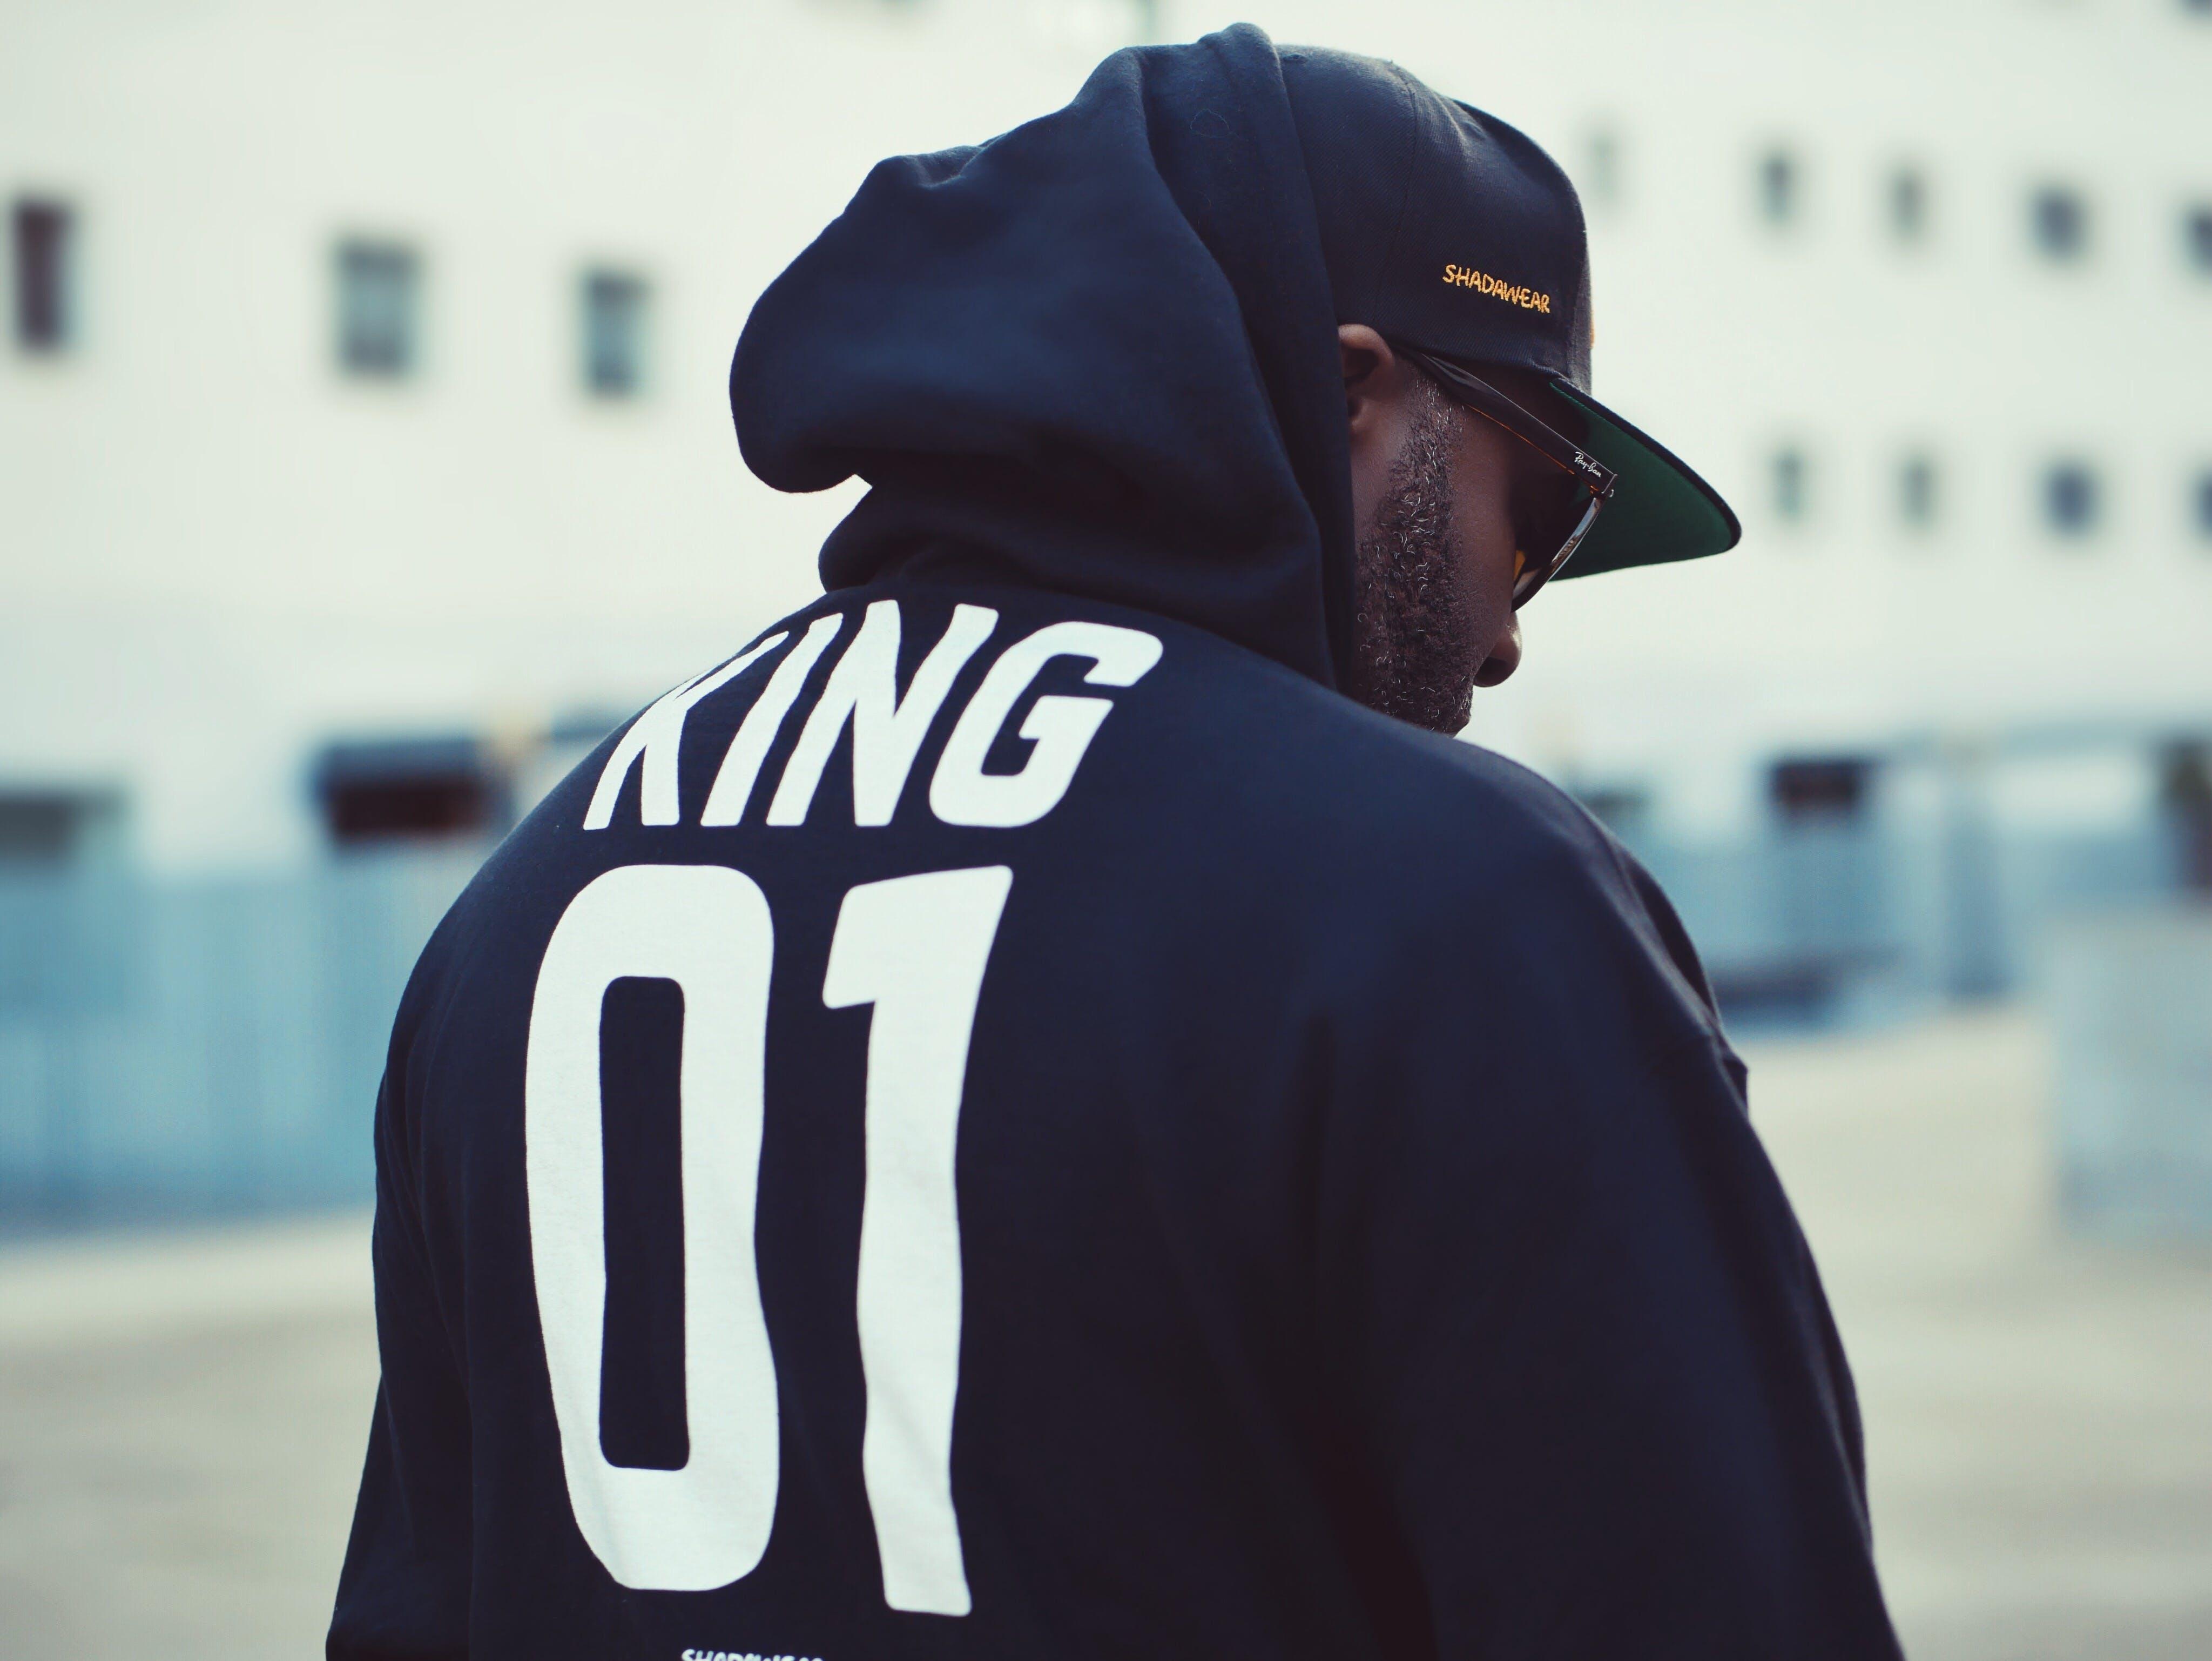 Man Wearing Black King 01-printed Hoodie and Flat Brim Cap